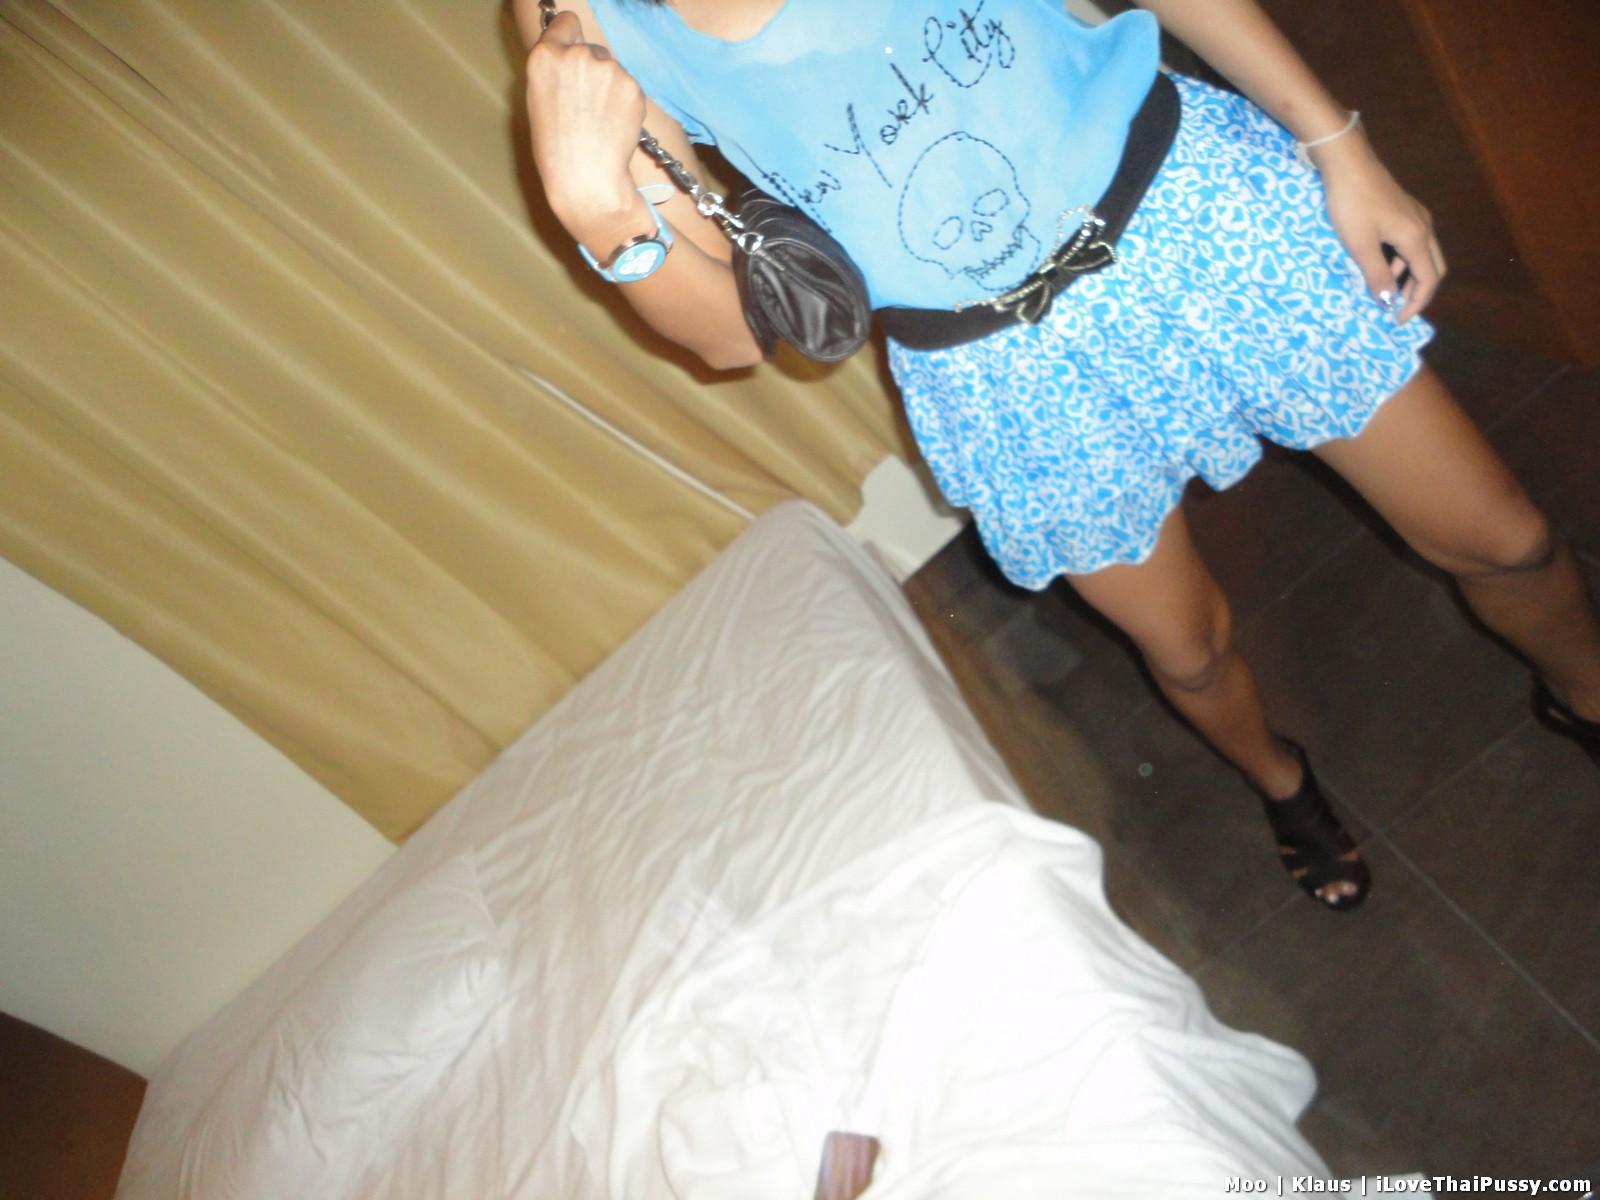 http://teensinasia.com/wp-content/uploads/2012/06/shy_pattaya_girl_moo_23.jpg